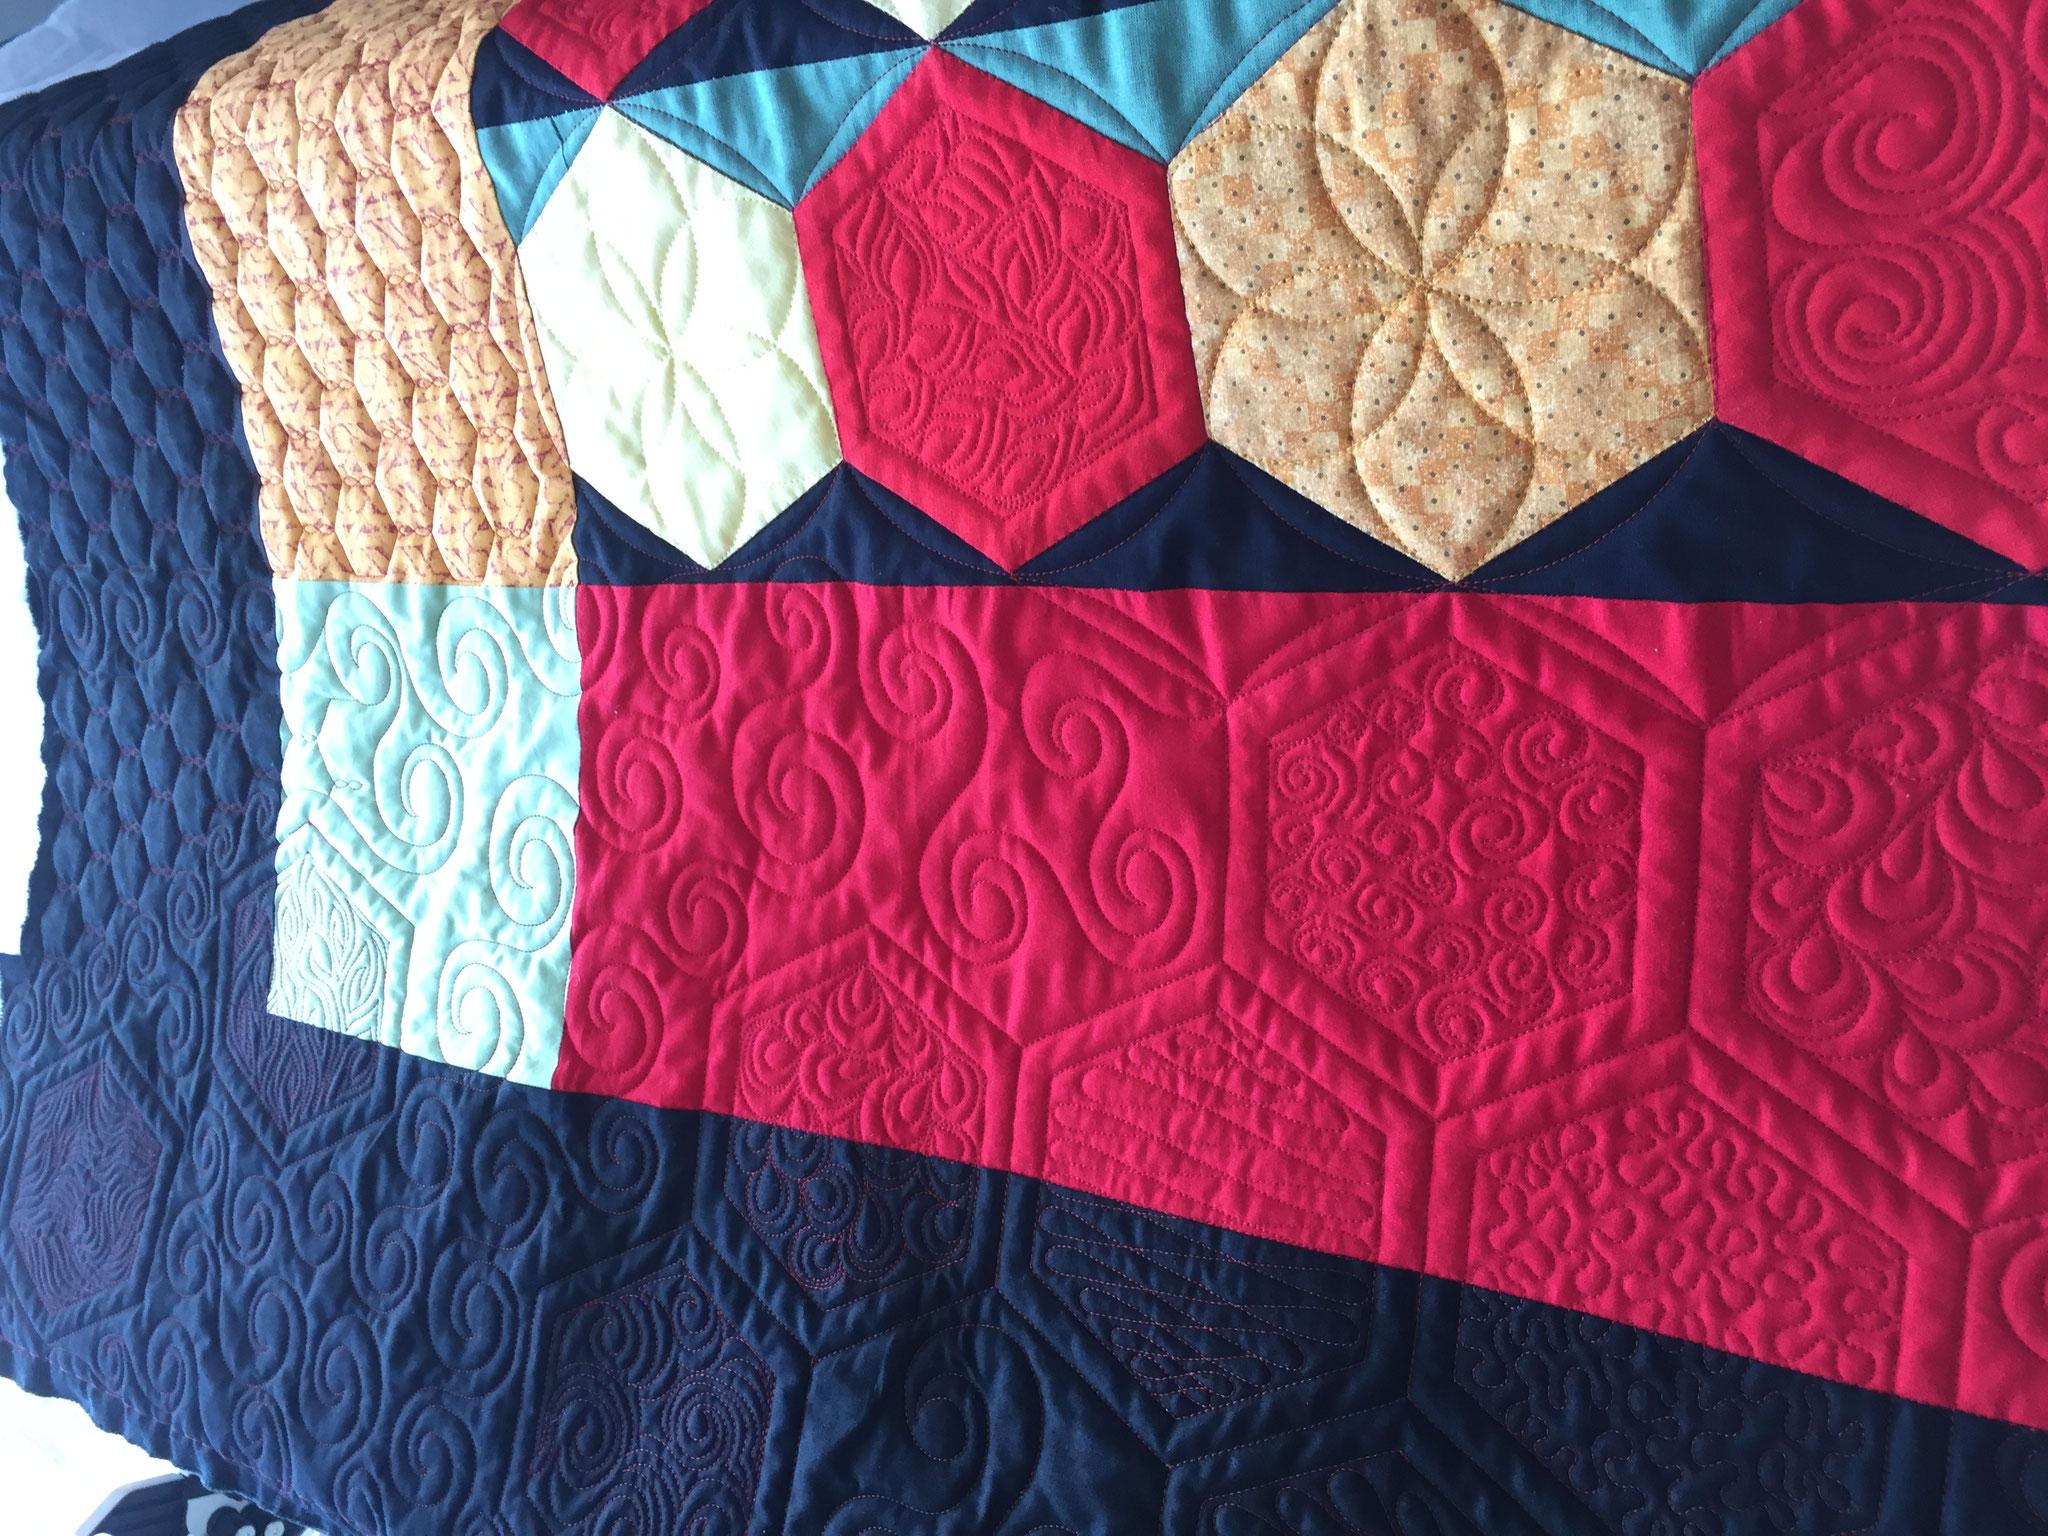 Les textures sont variées et magnifient le quilt.